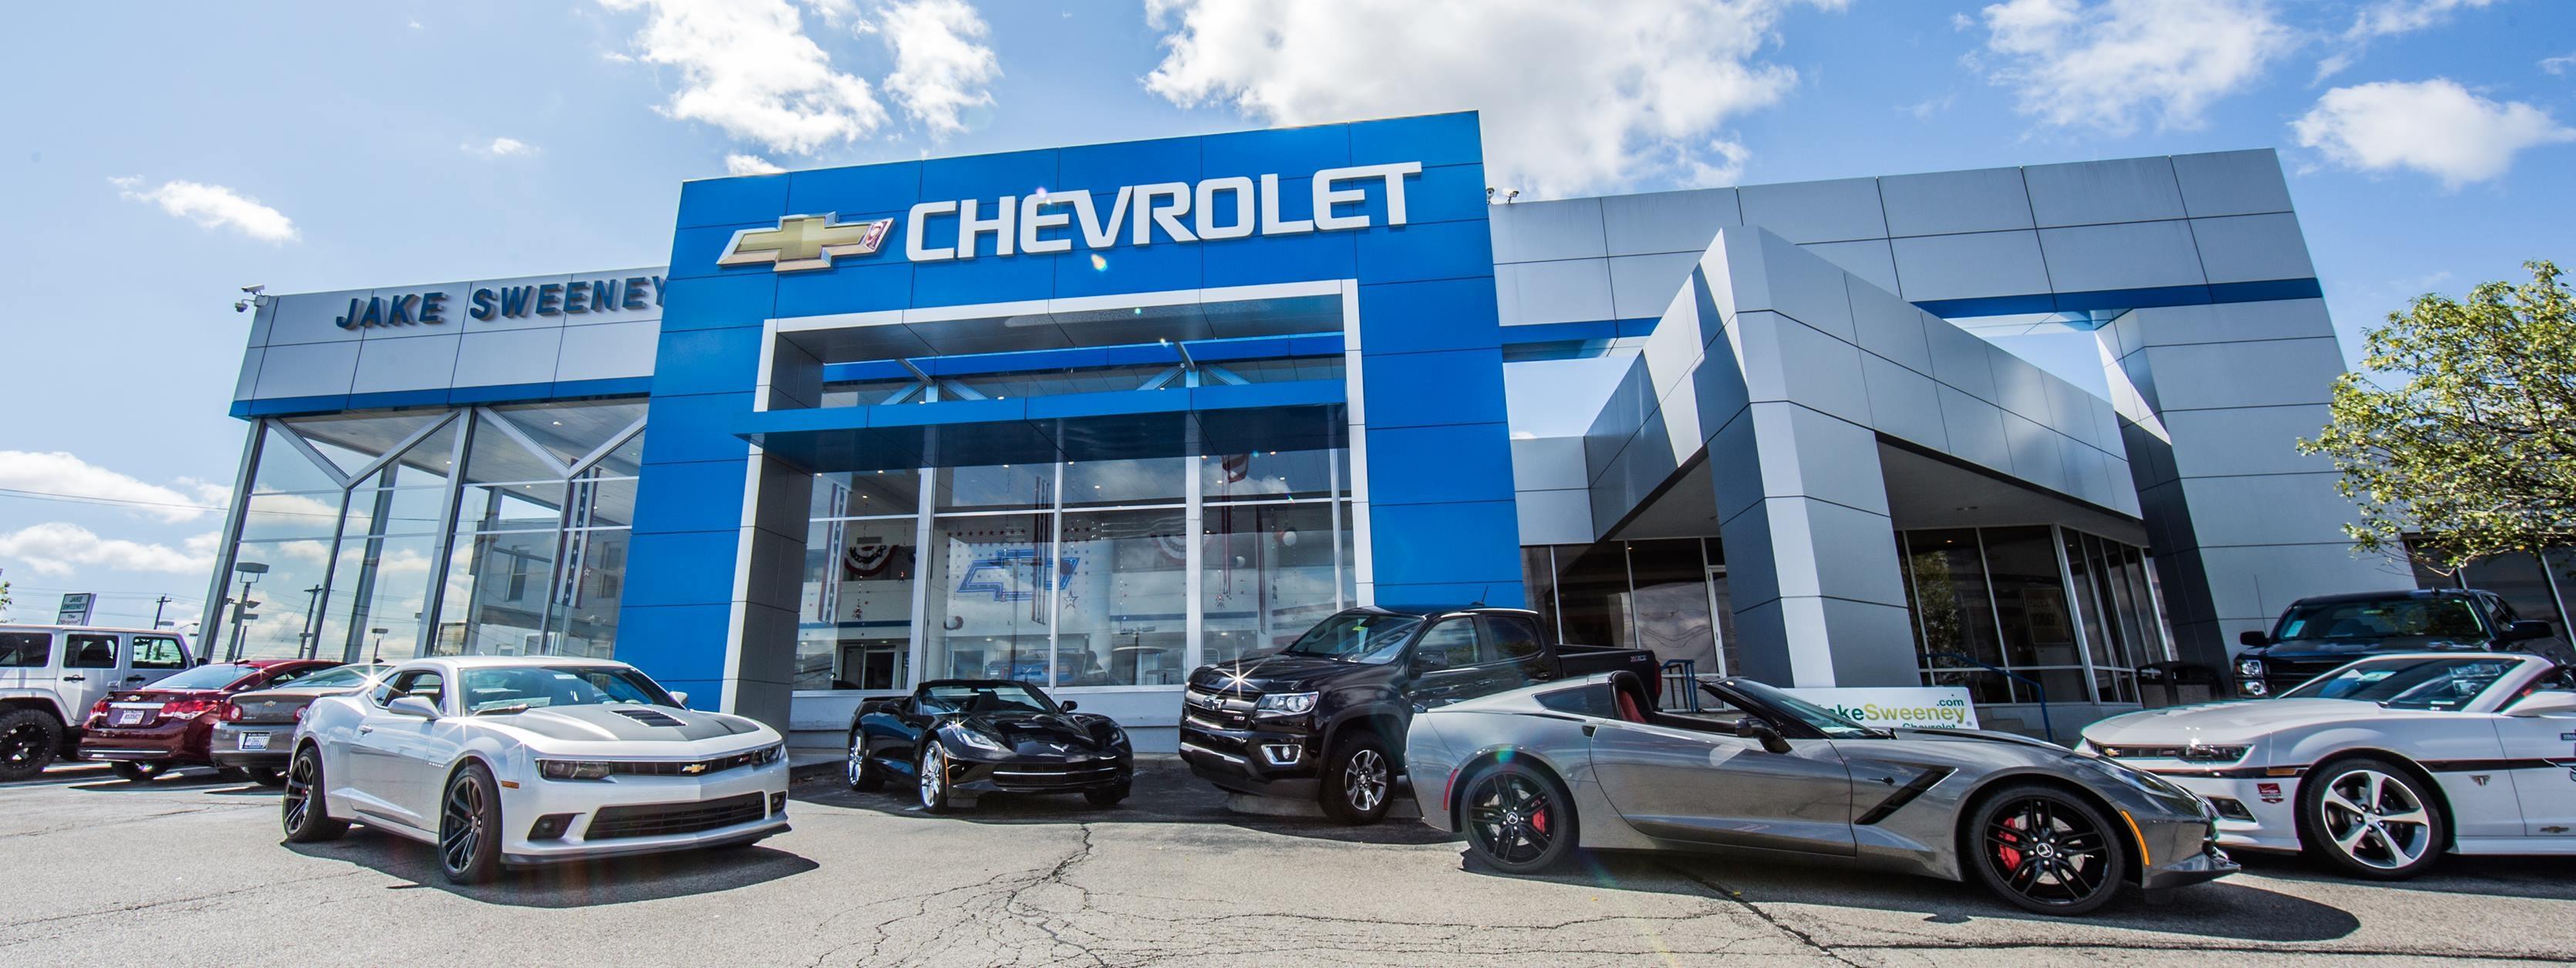 Used Car Dealers In Cincinnati Ohio Area